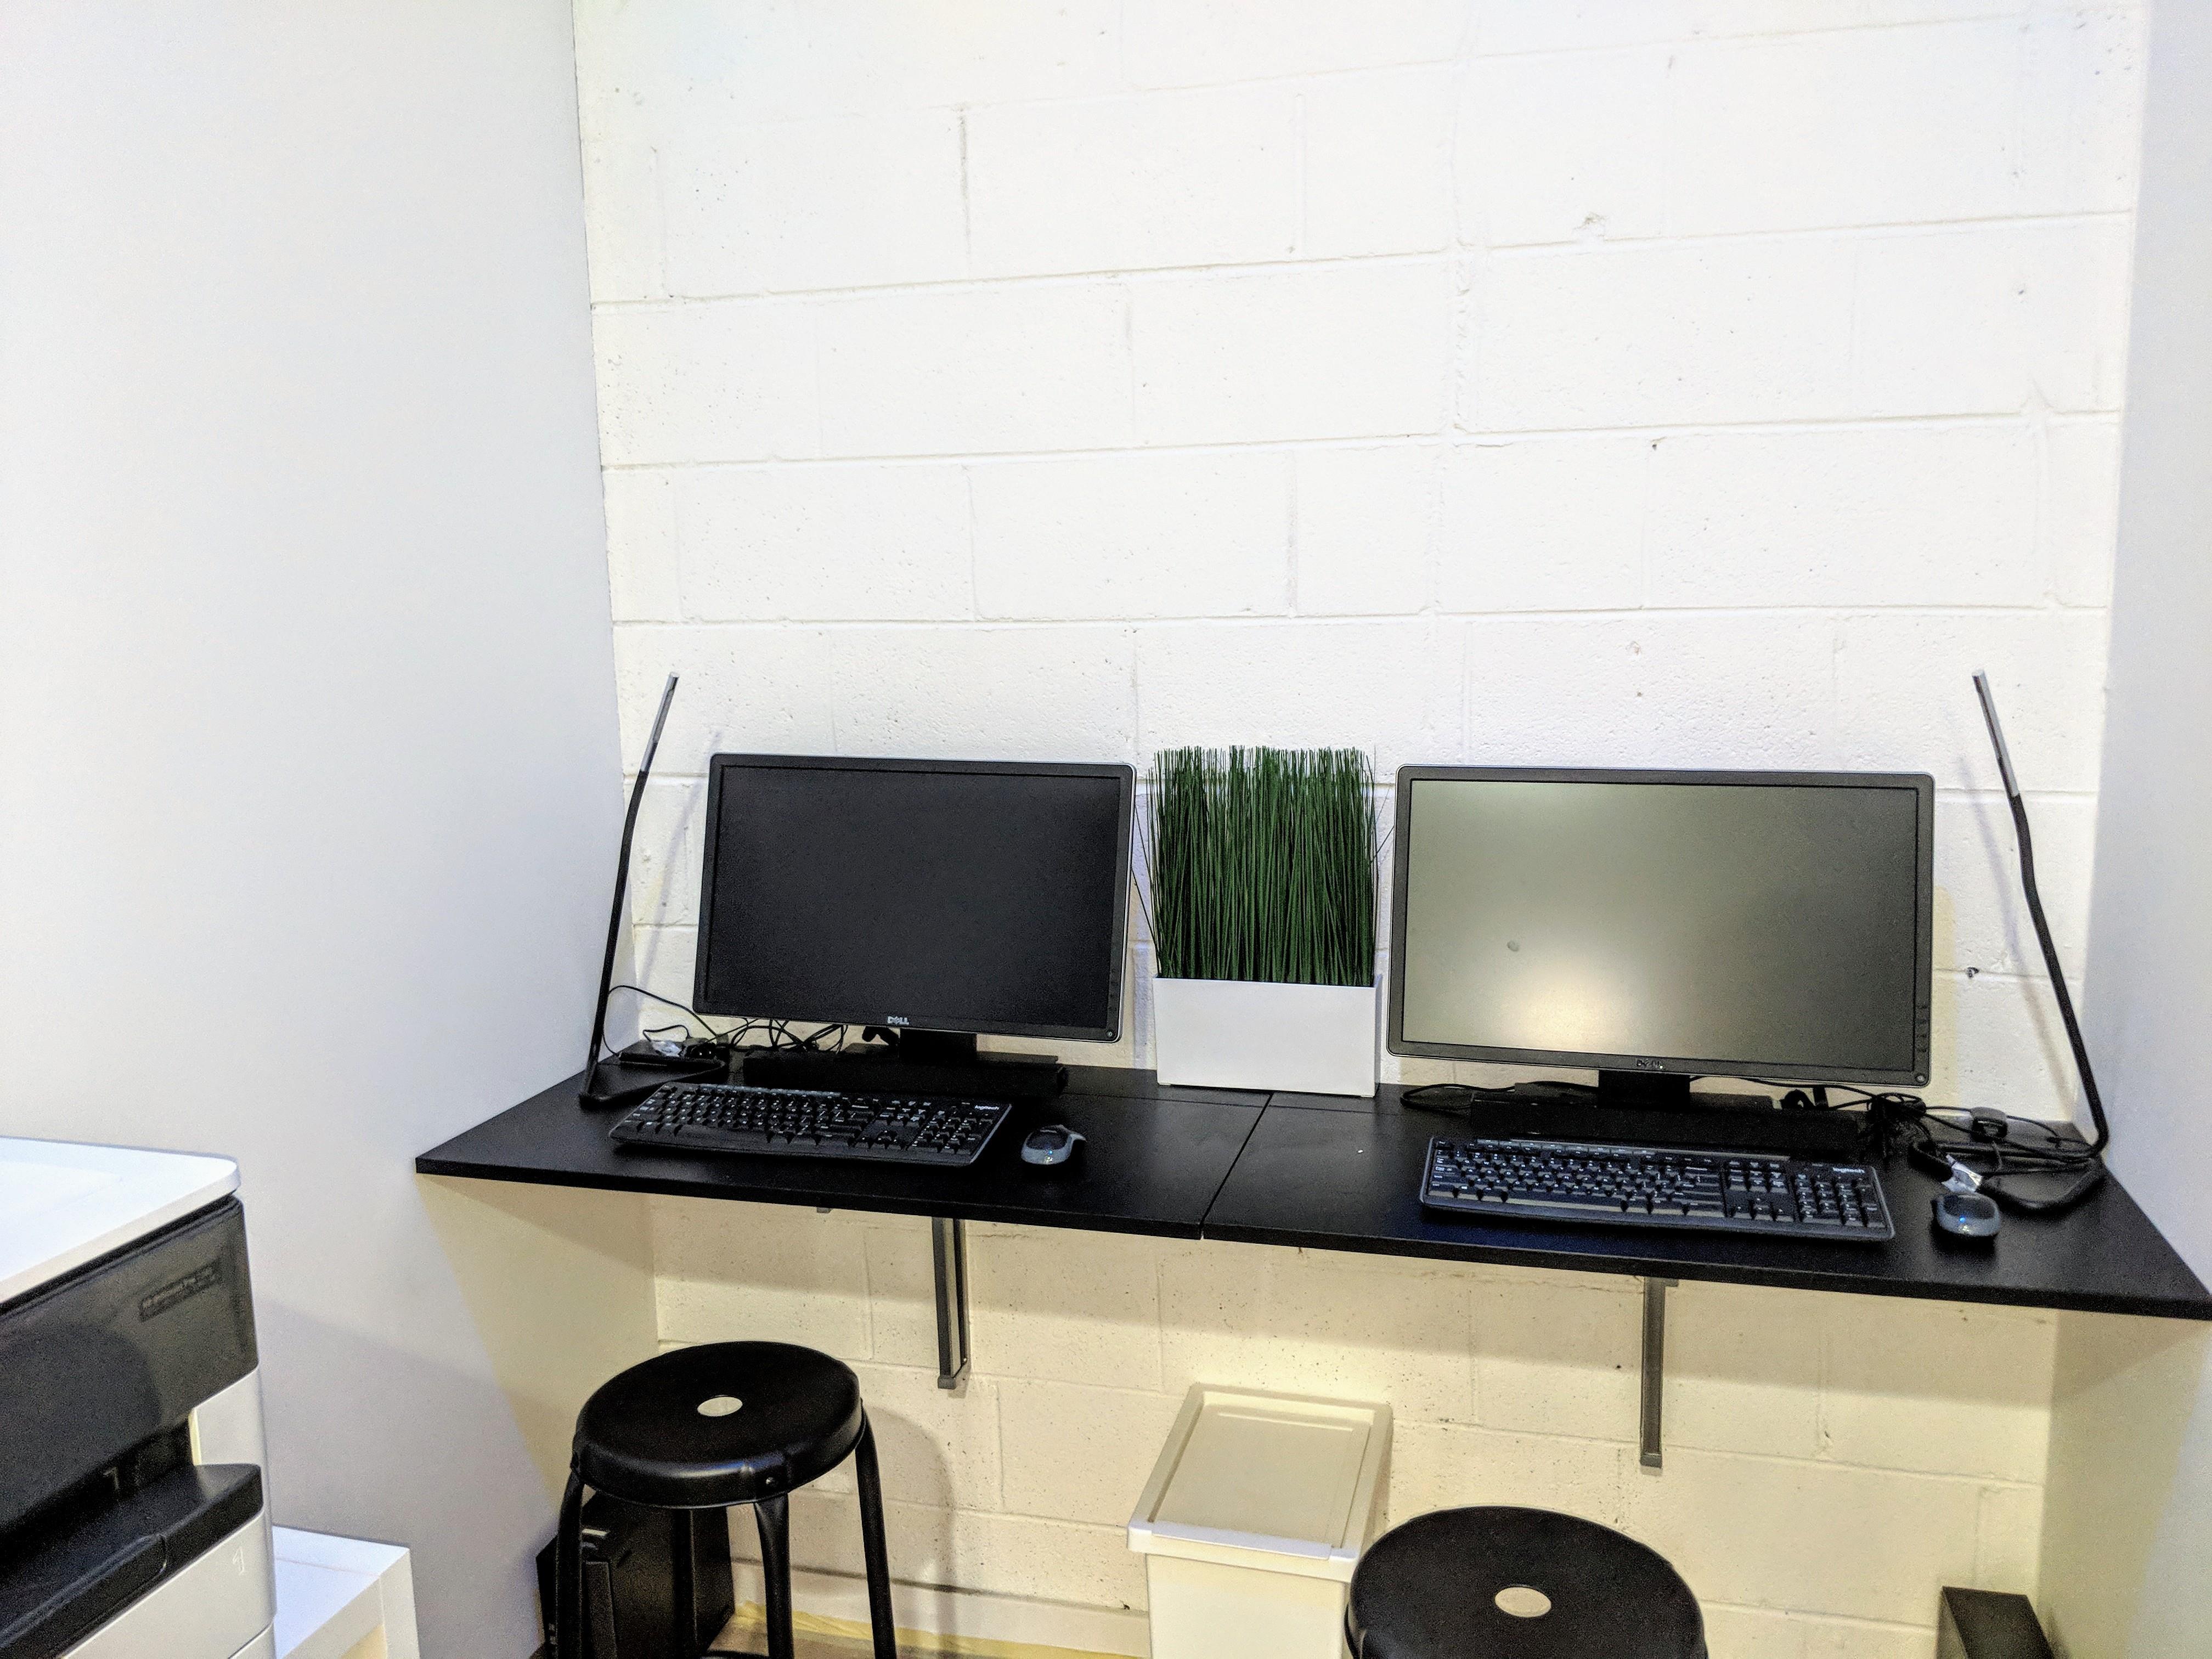 IMPK STUDIOS Atlanta - IMPK STUDIOS Atlanta (Copy 2) (Copy) (Copy)